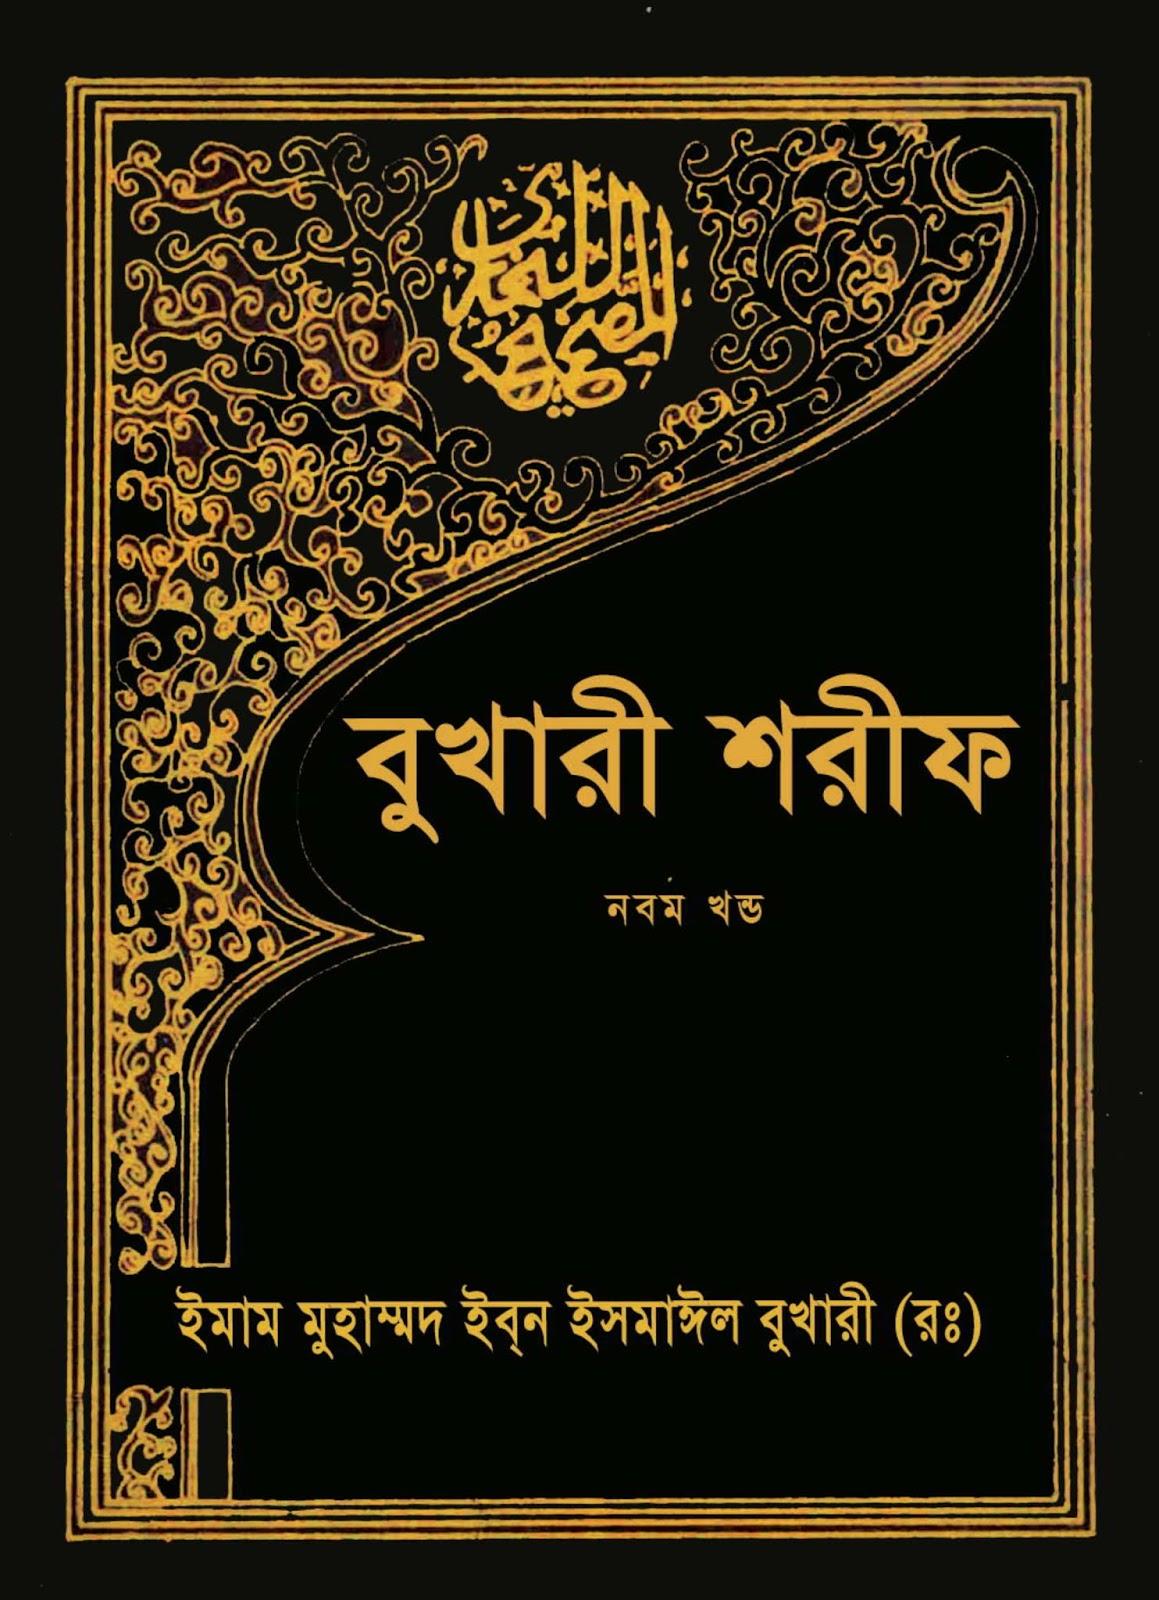 বোখারী শরীফ ৯ম খন্ড pdf | বোখারী শরীফ ফ্রিতে ডাউনলোড করুন |bangla hadith | bangla hadis | hadithbd | হাদিস